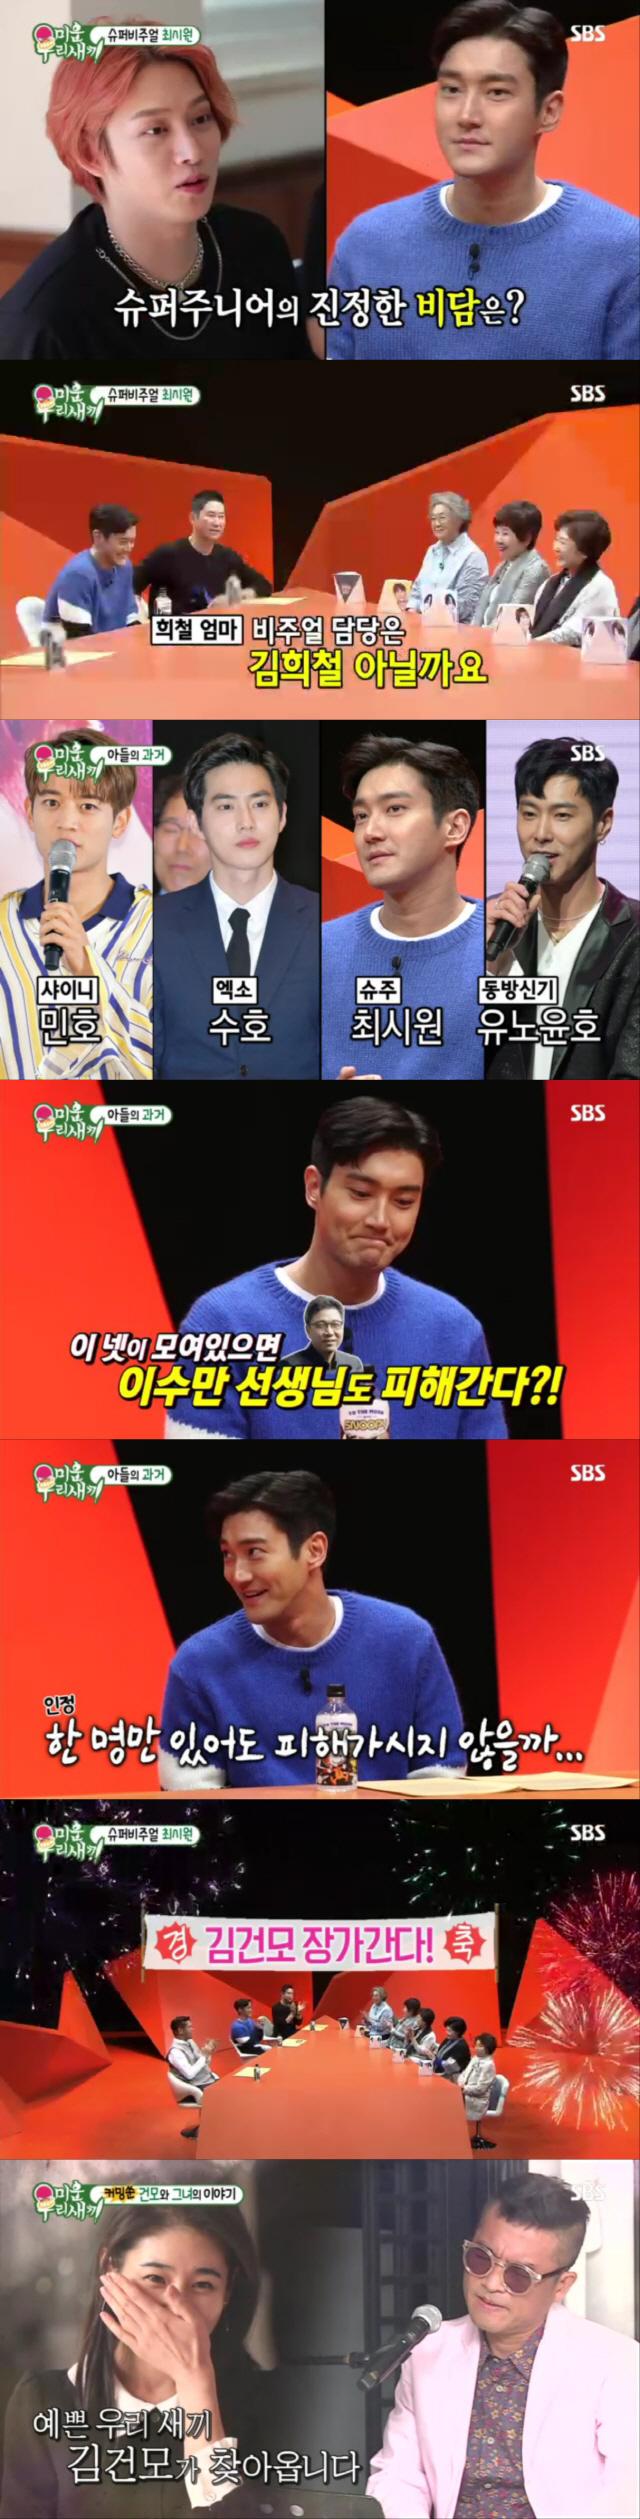 '미운우리새끼' 슬리피의 '궁핍한 이야기 Y'..최고 시청률 19.6%